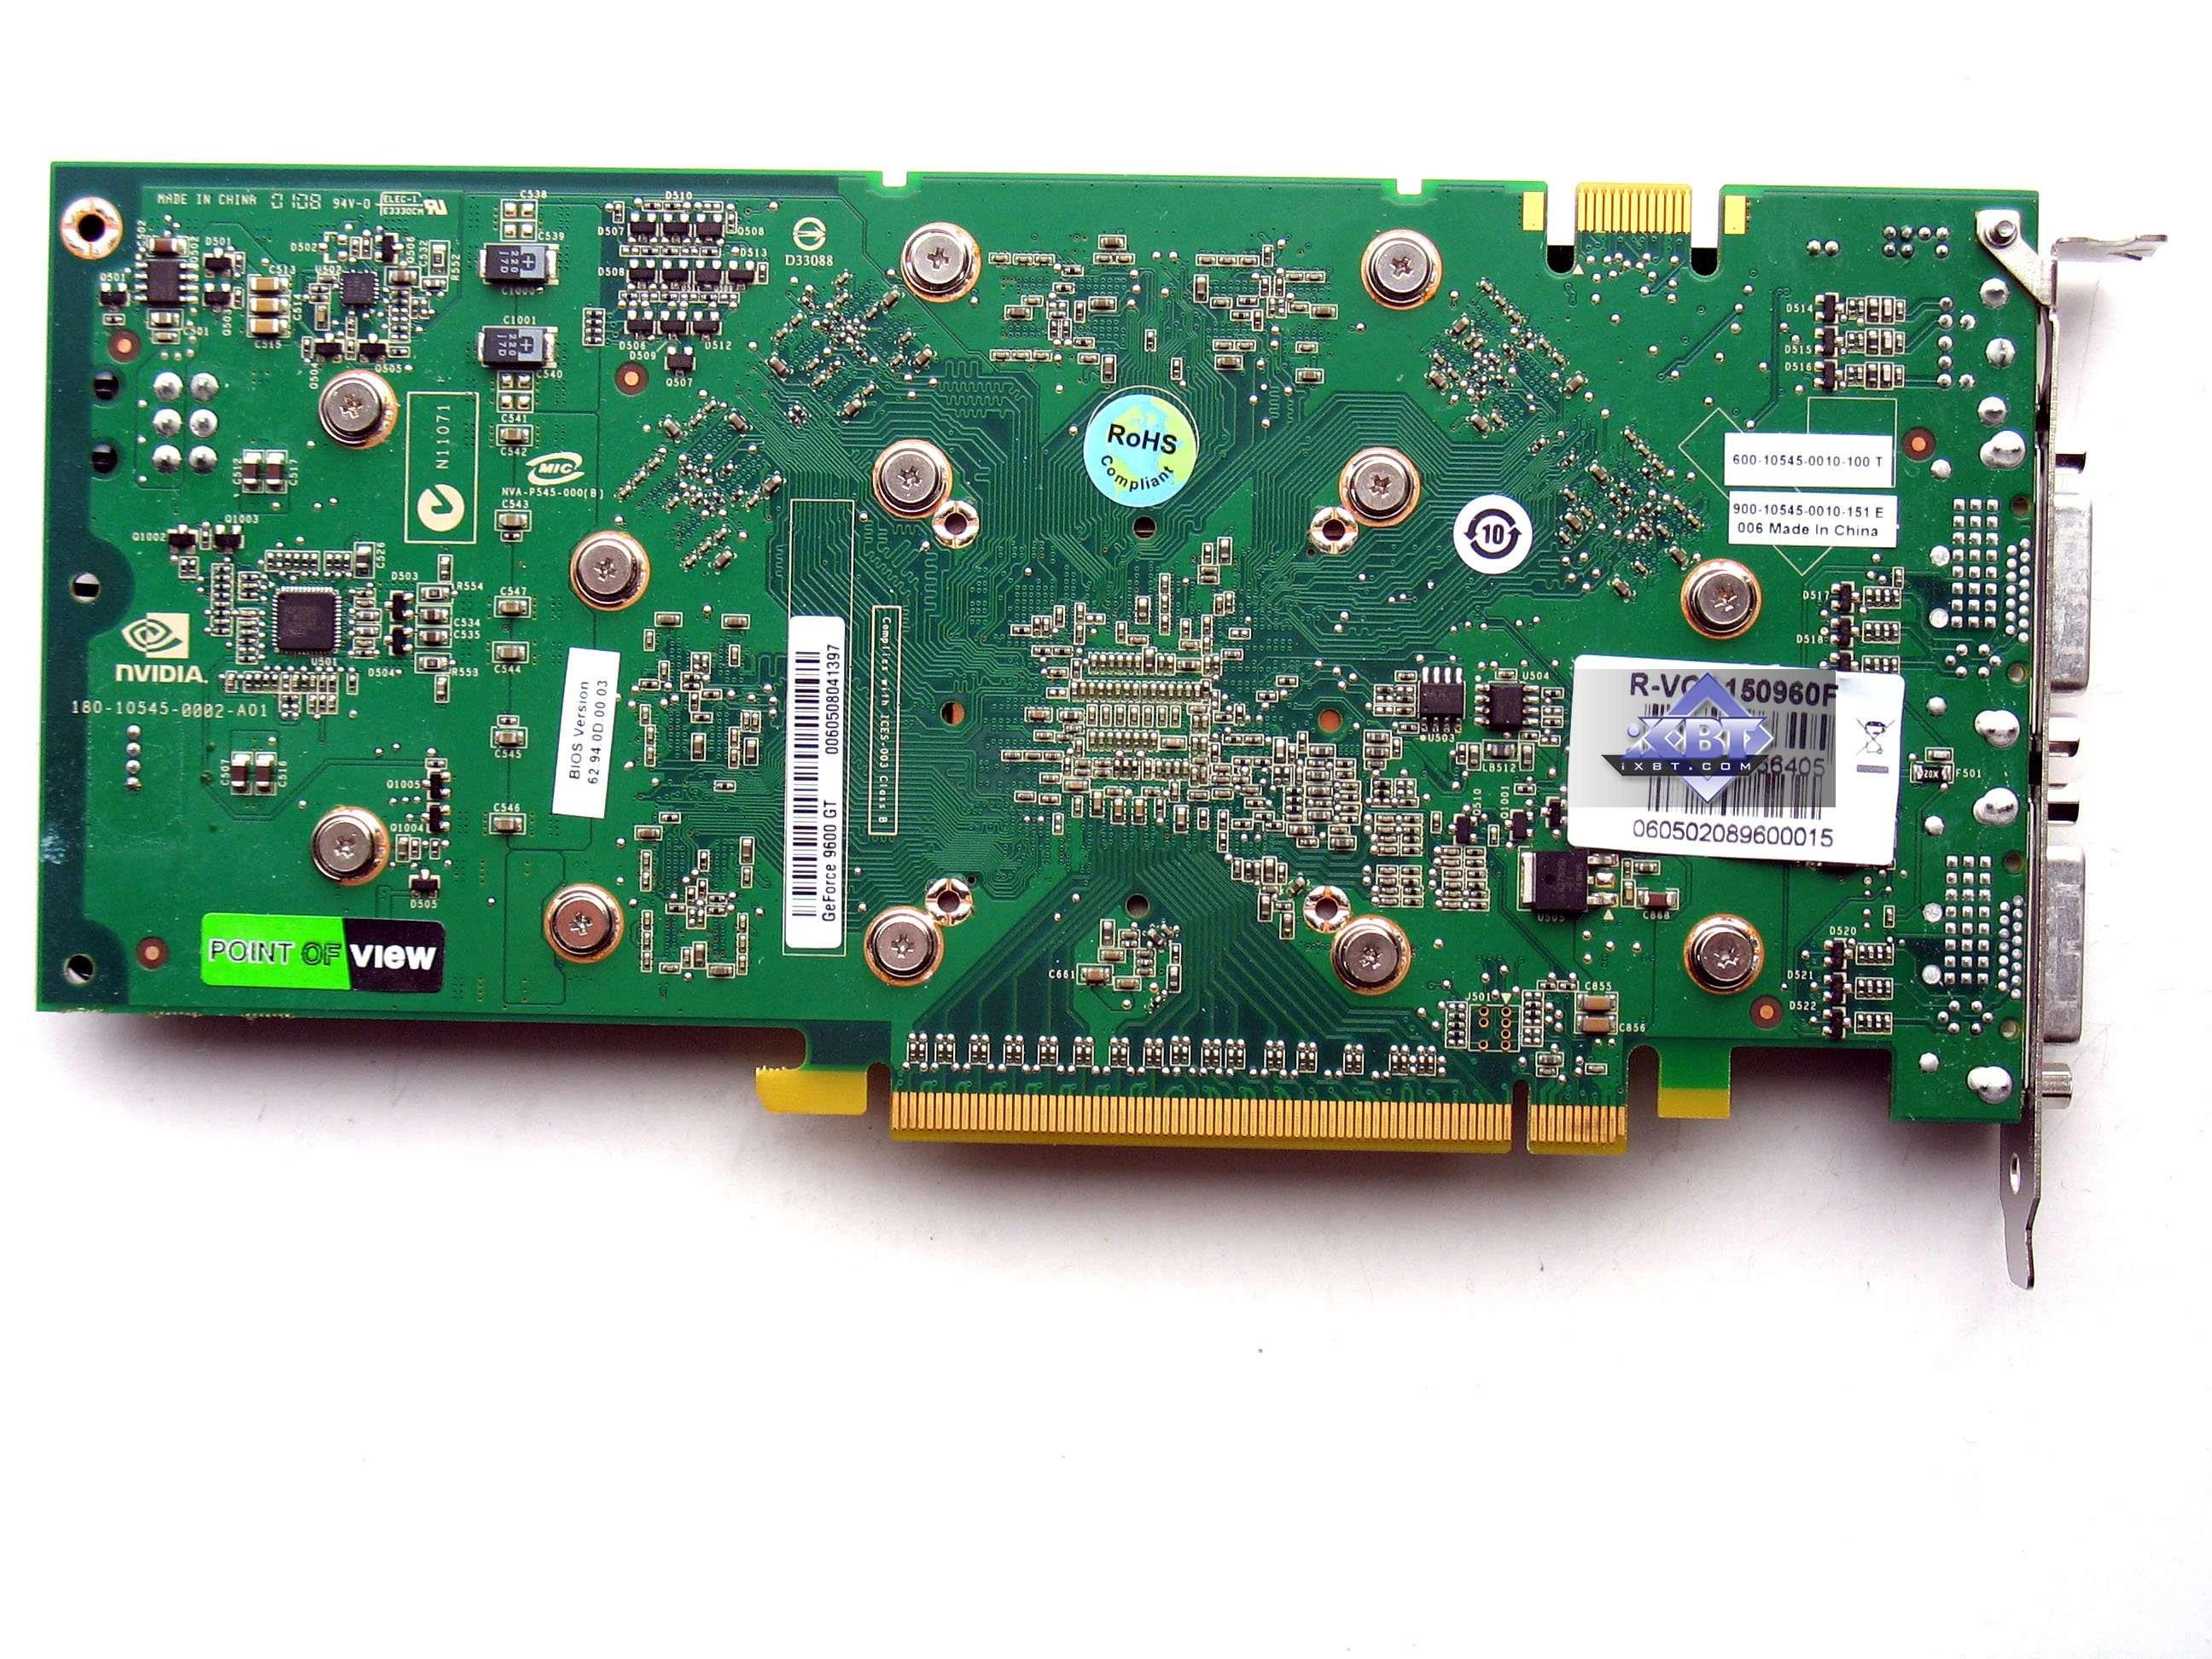 скачать видео драйвер для видеокарты nvidia gforse 9600 gt